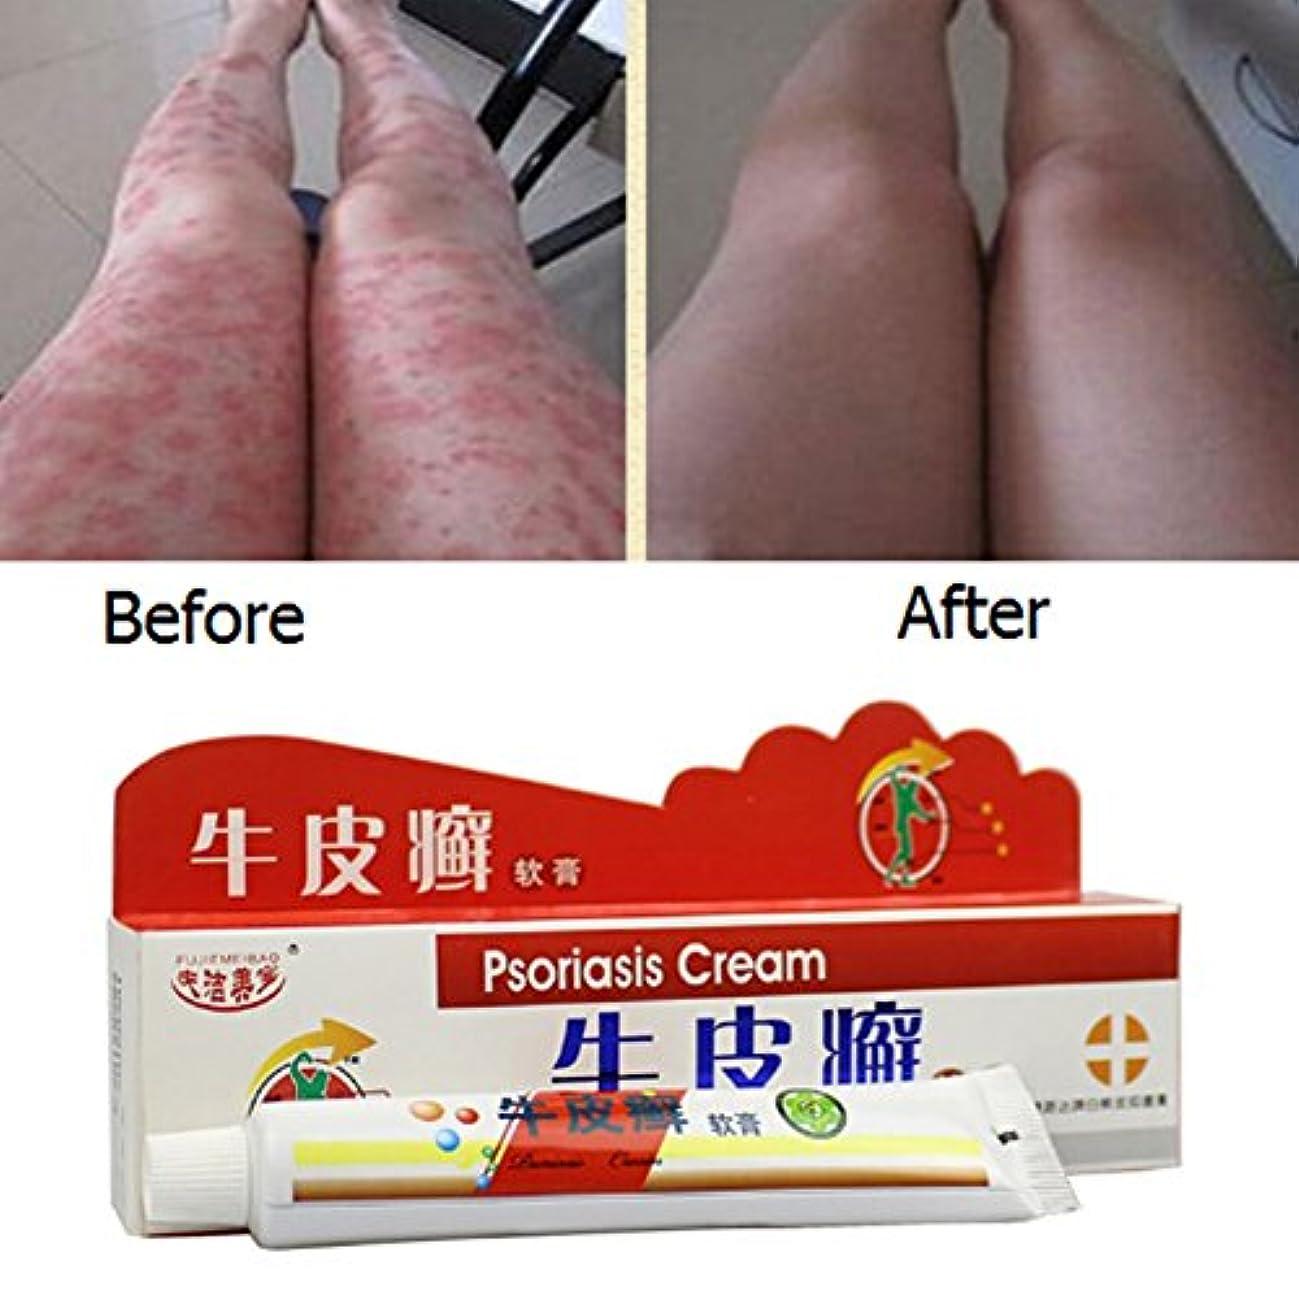 チューインガム重々しい群がるBalai 乾癬クリーム 中国のハーブ抗菌軟膏クリーム 湿疹乾癬 治療かゆみ止めクリーム